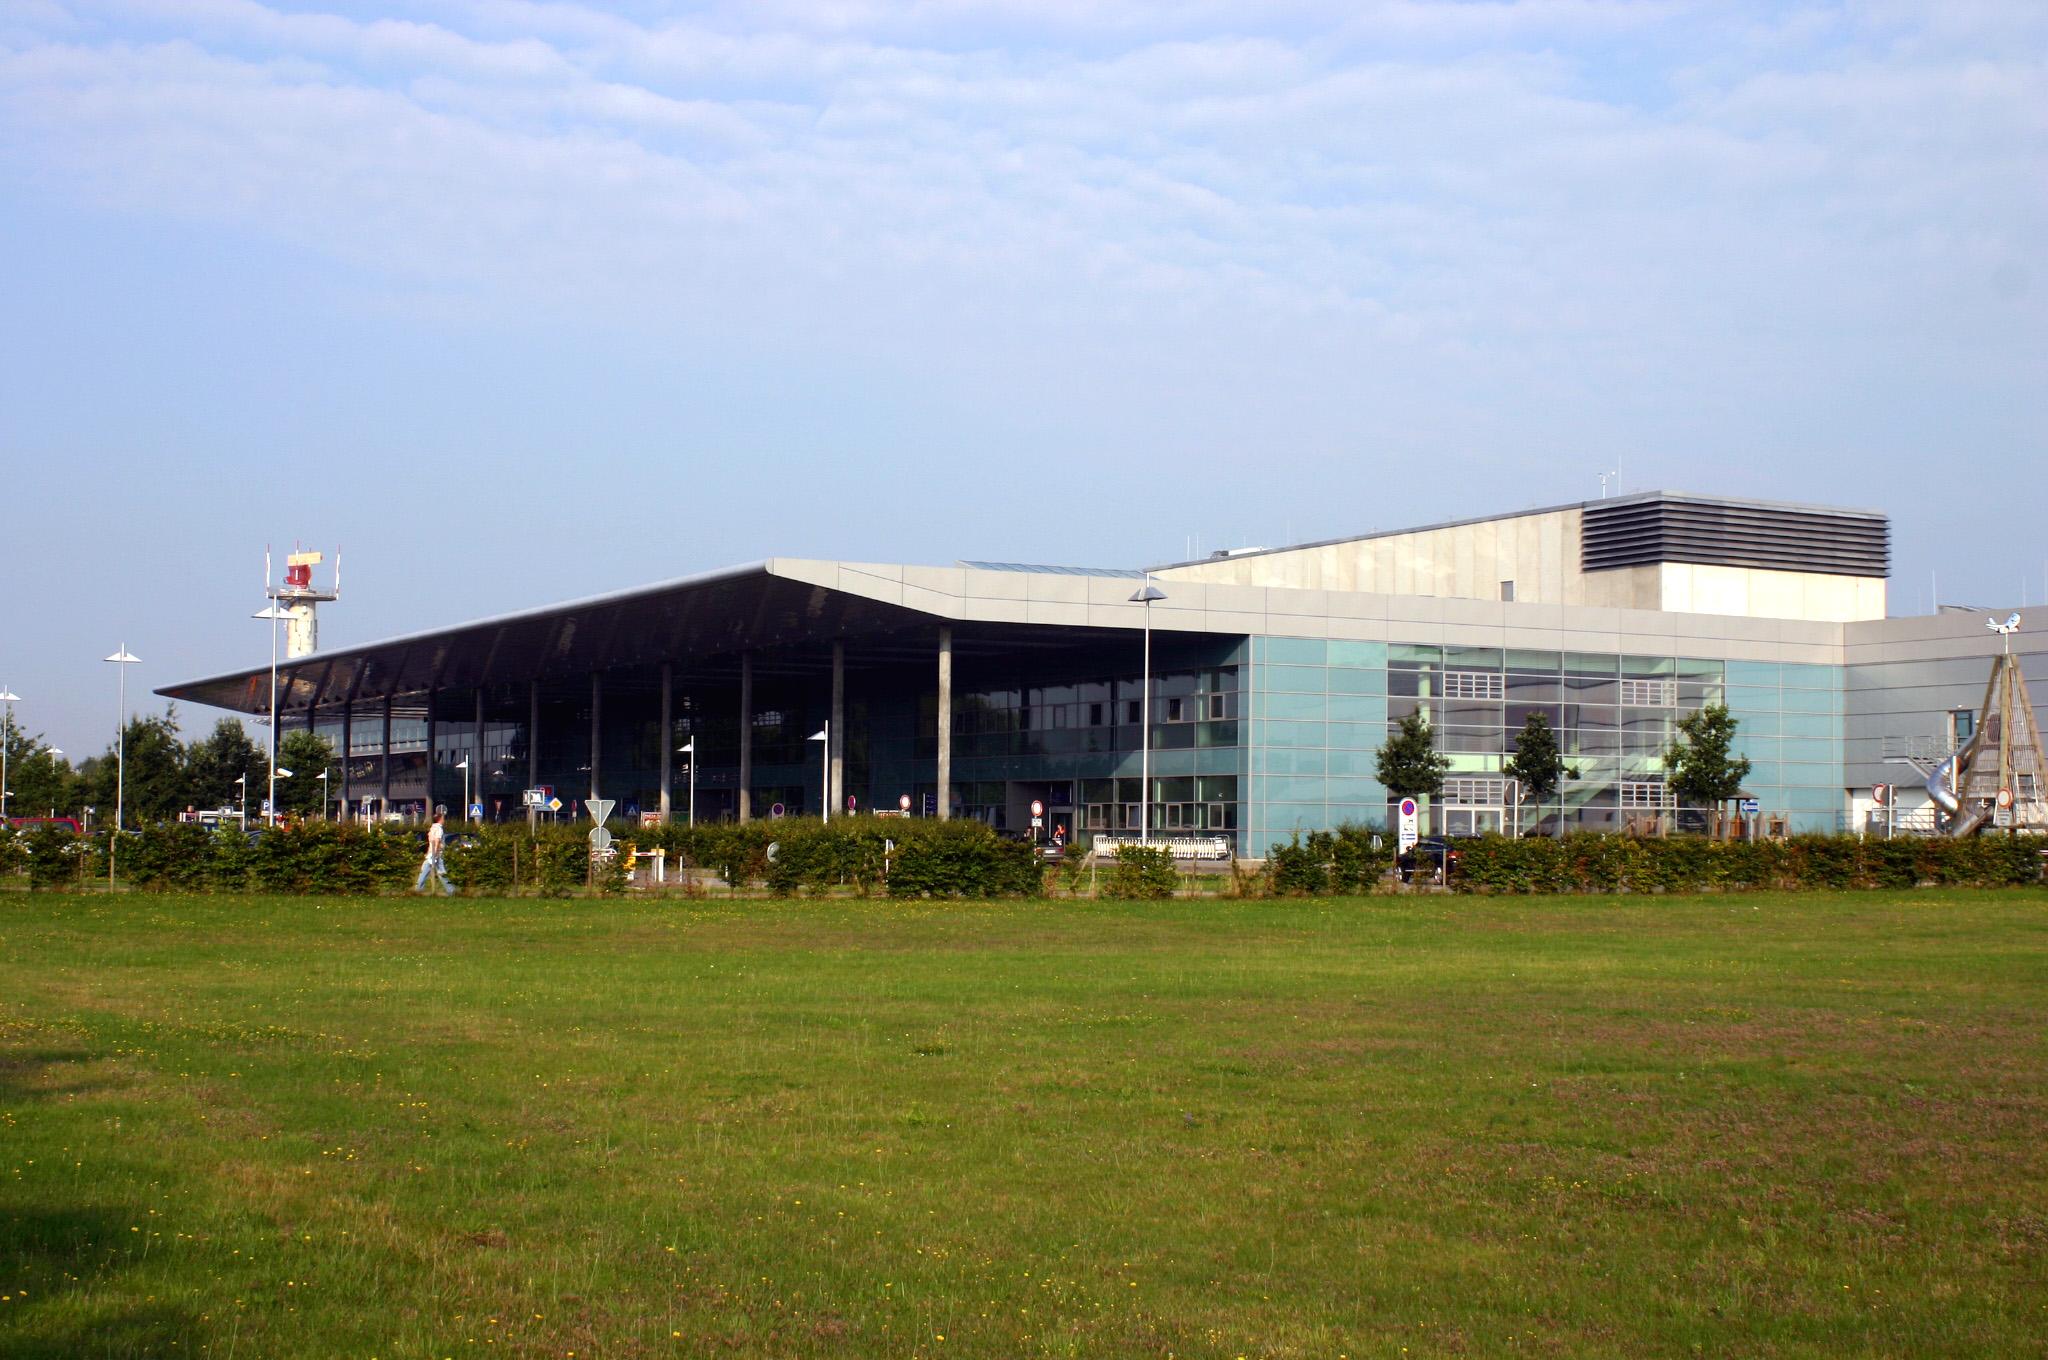 Flughafen Münster-Osnabrück (Foto: Rüdiger Wölk | CCC 2.0)